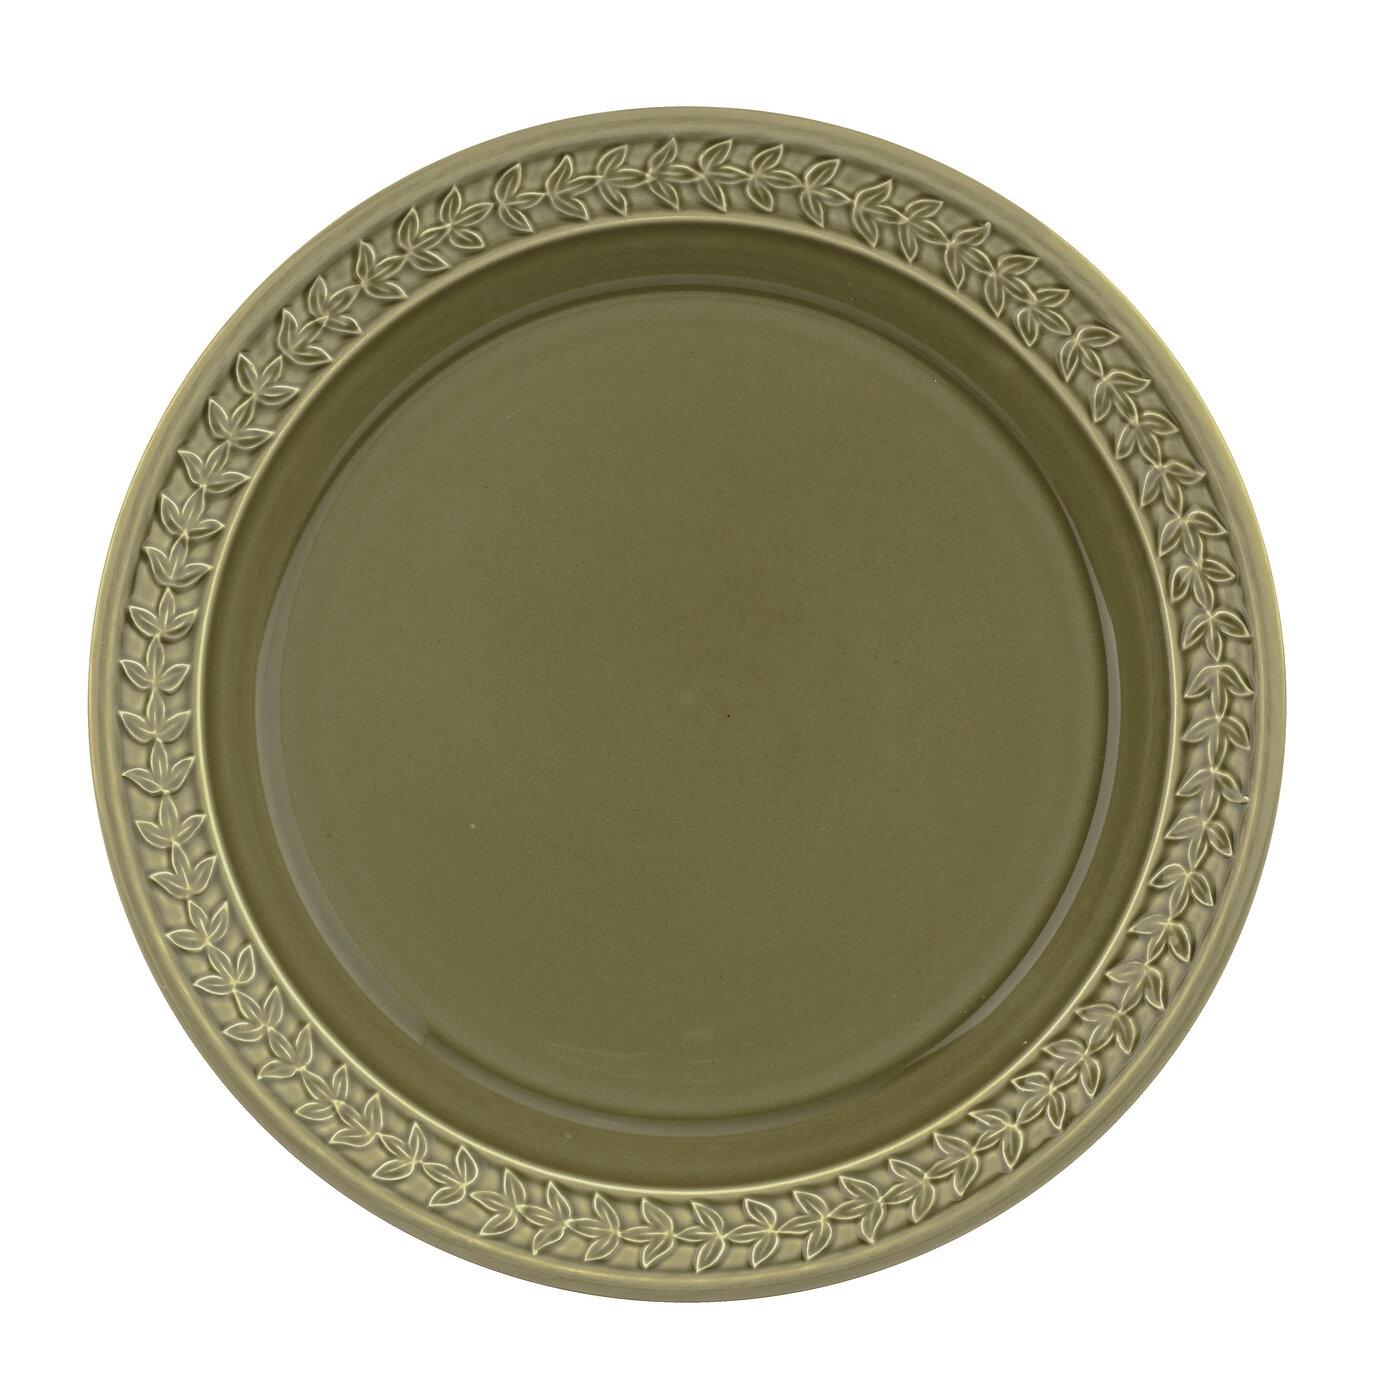 포트메리온 '보타닉 가든 하모니' 디너 접시 Portmeirion Botanic Garden Harmony Moss Green 10.5 Inch Dinner Plate